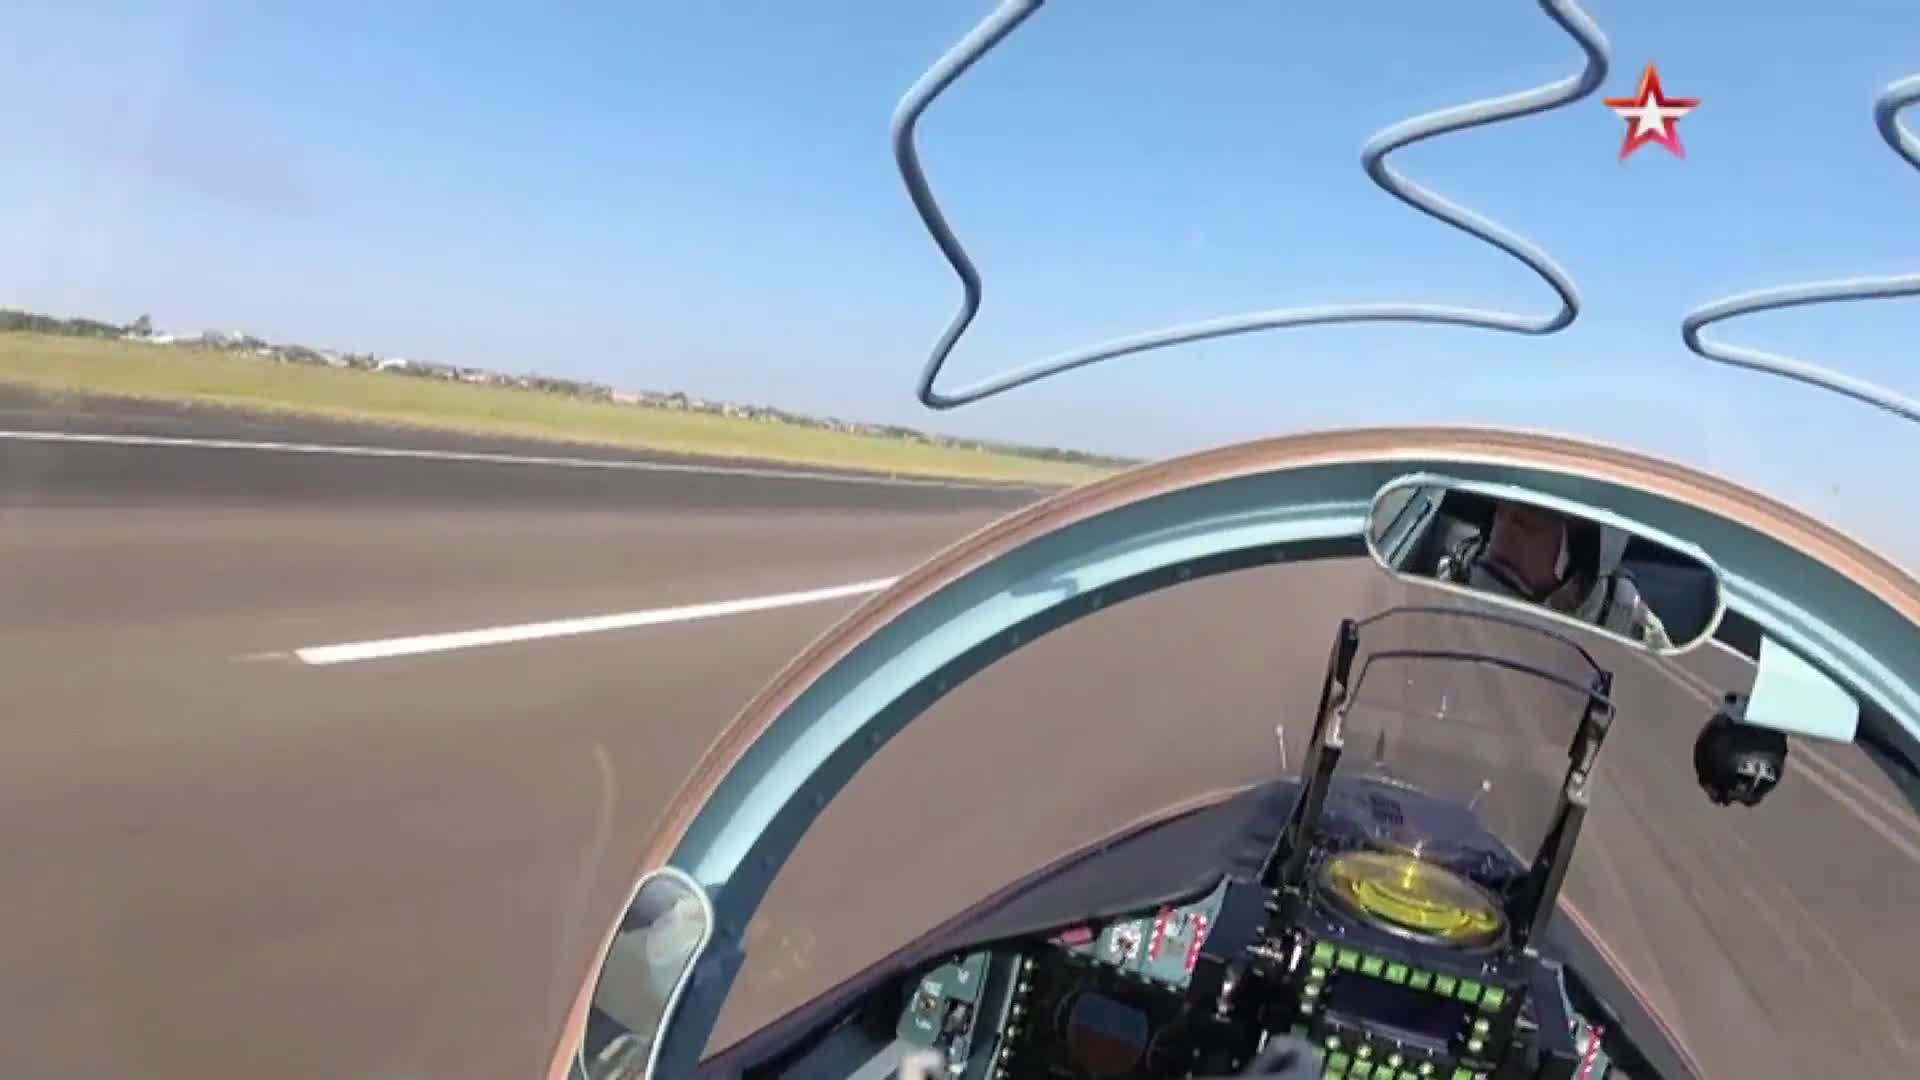 Phi công Lào bay diễn tập trên Yak-130, không rõ có huấn luyện viên Nga hay không nhưng kỹ thuật bay rất tốt. Video: TVZvezda.